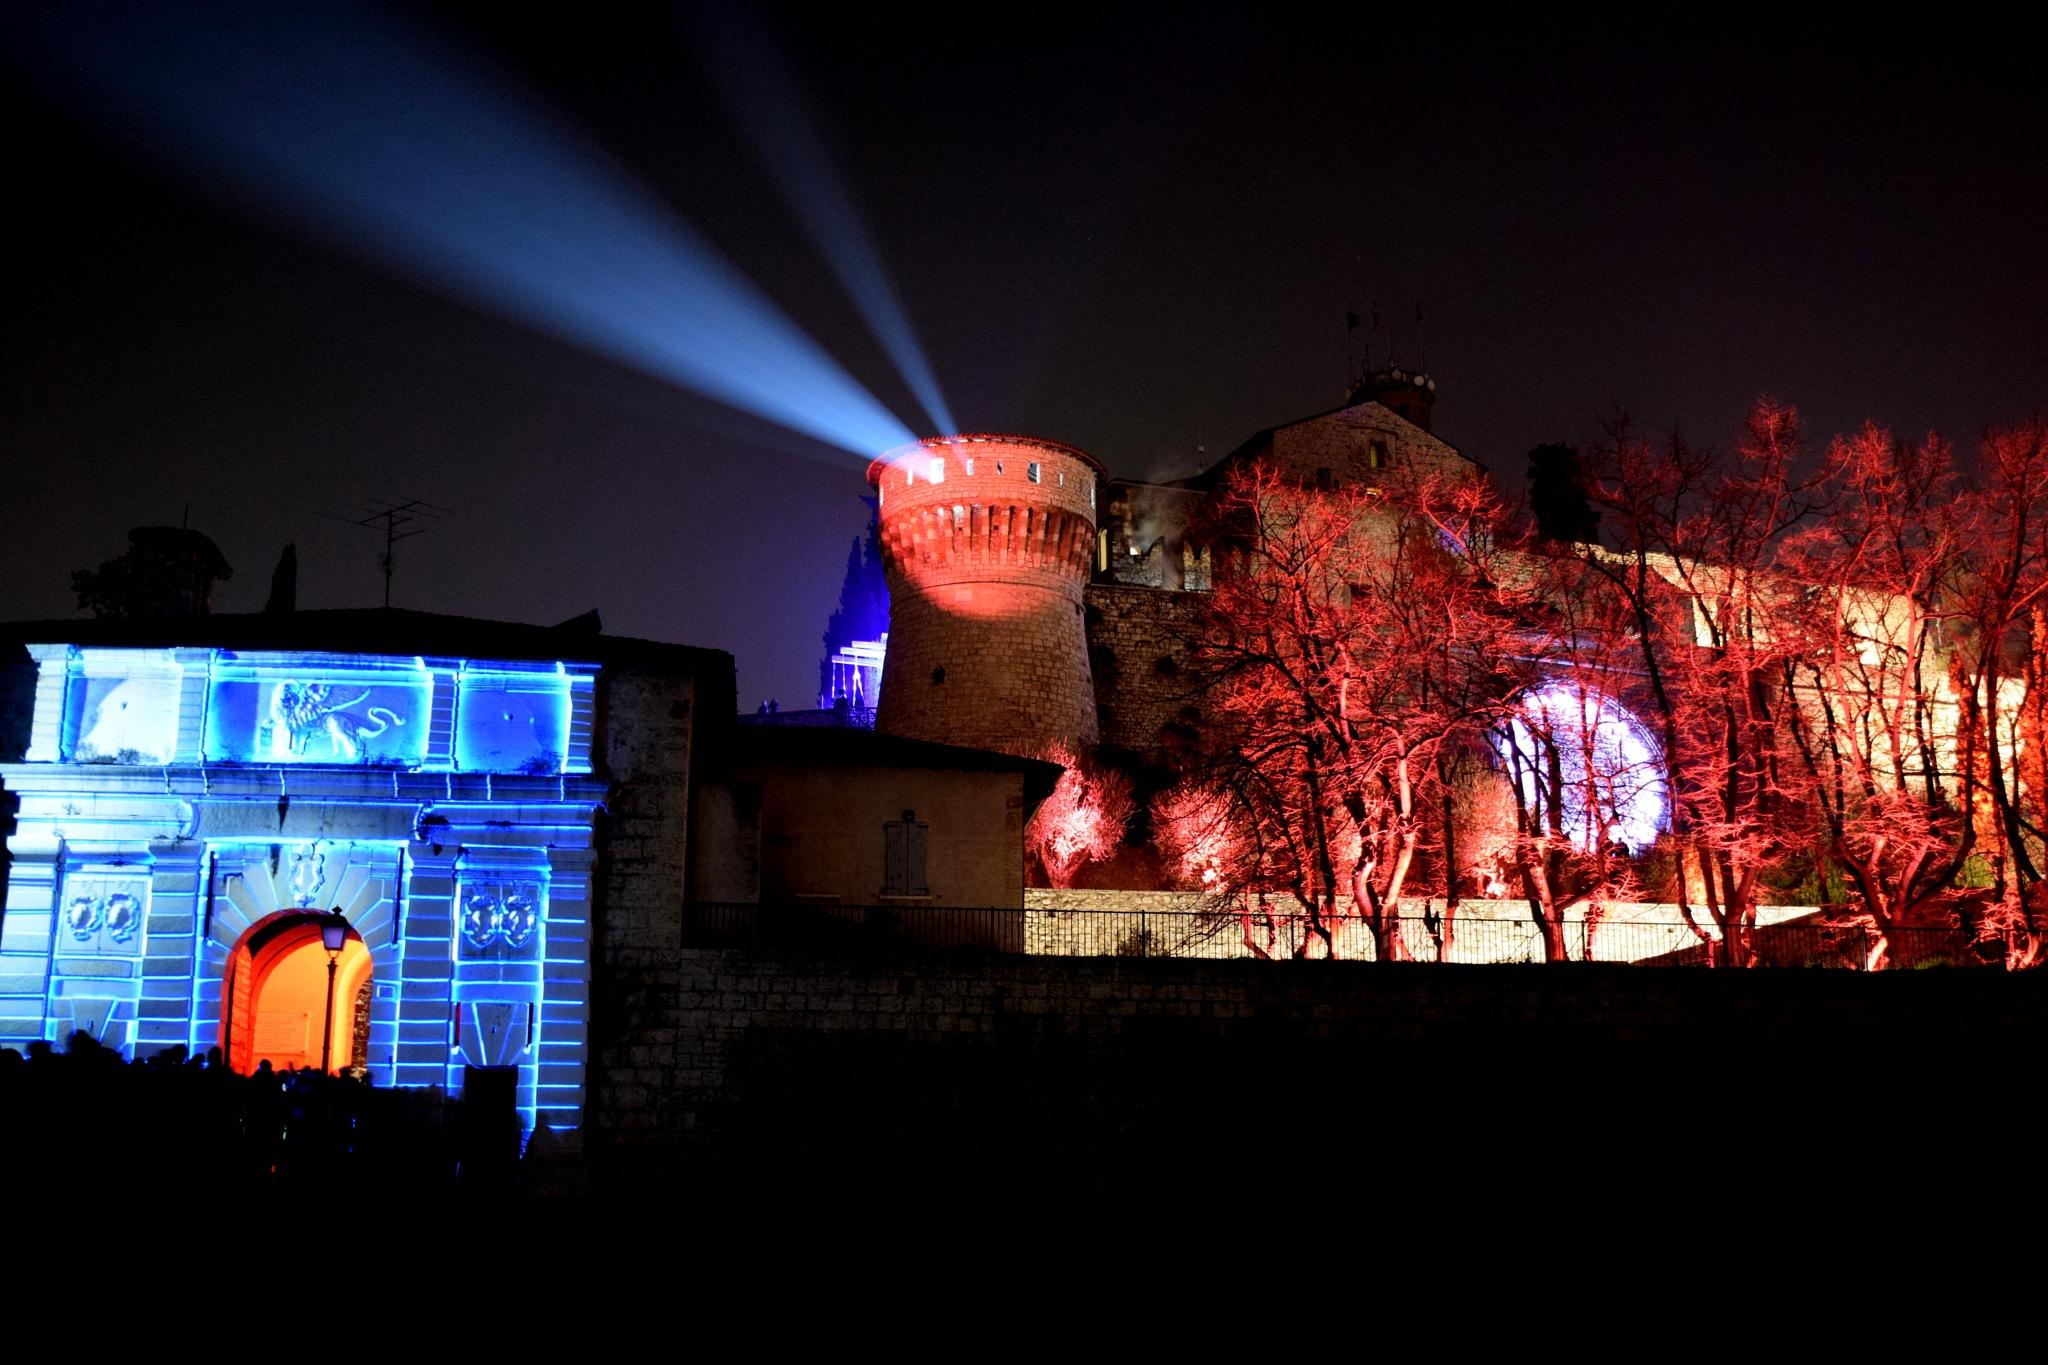 Festival Internazionale delle Luci  by vitopedone